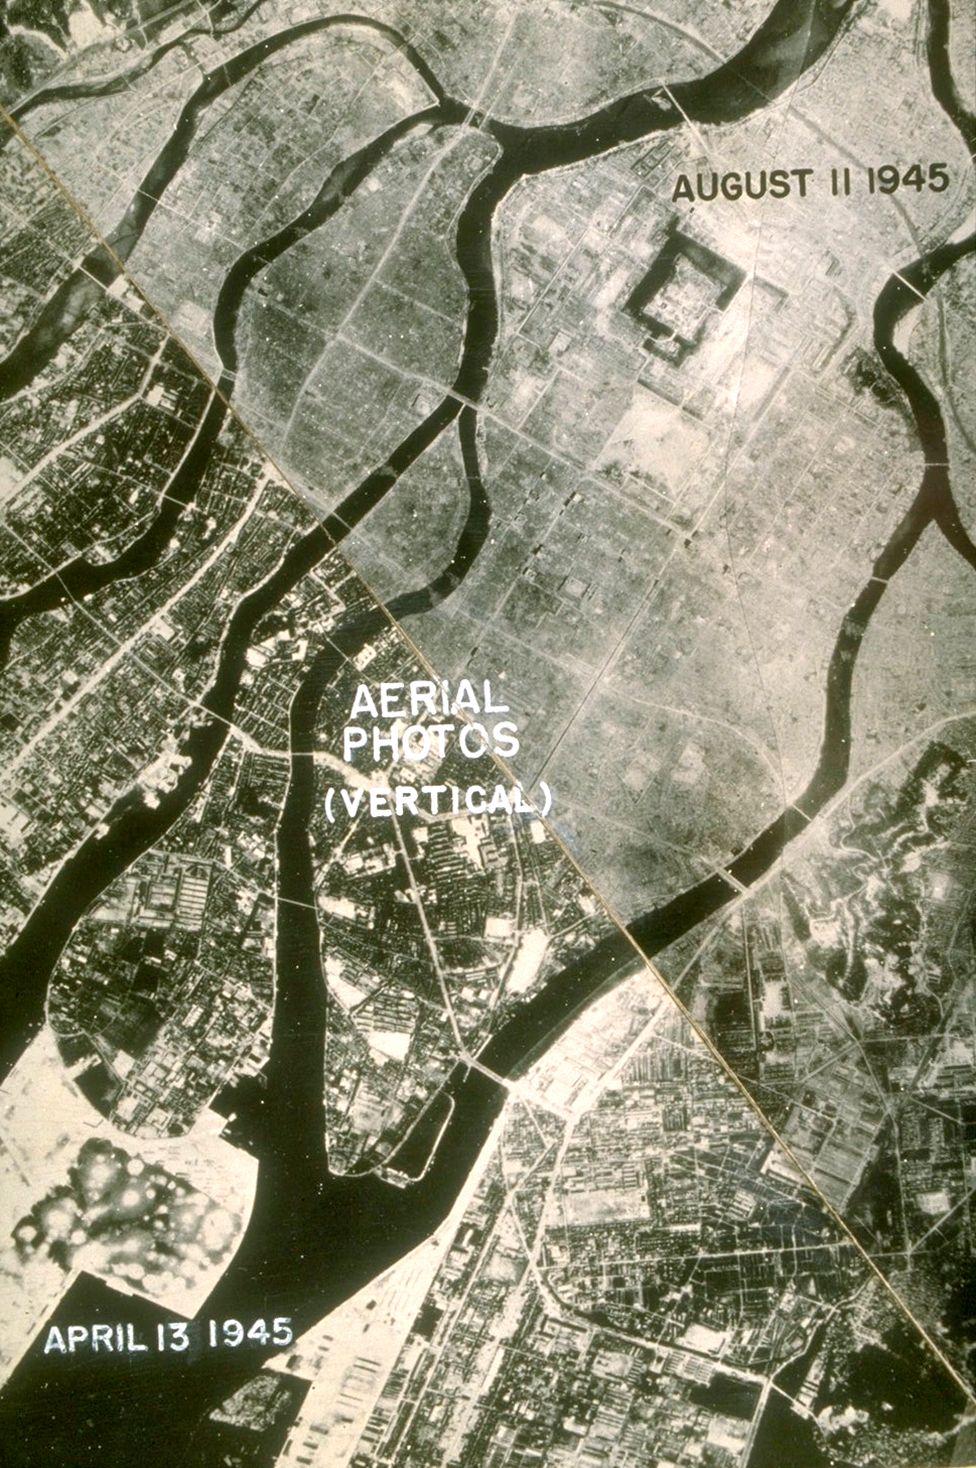 左下角照片顯示原子彈爆炸之前的廣島,右上角照片是爆炸之後的廣島